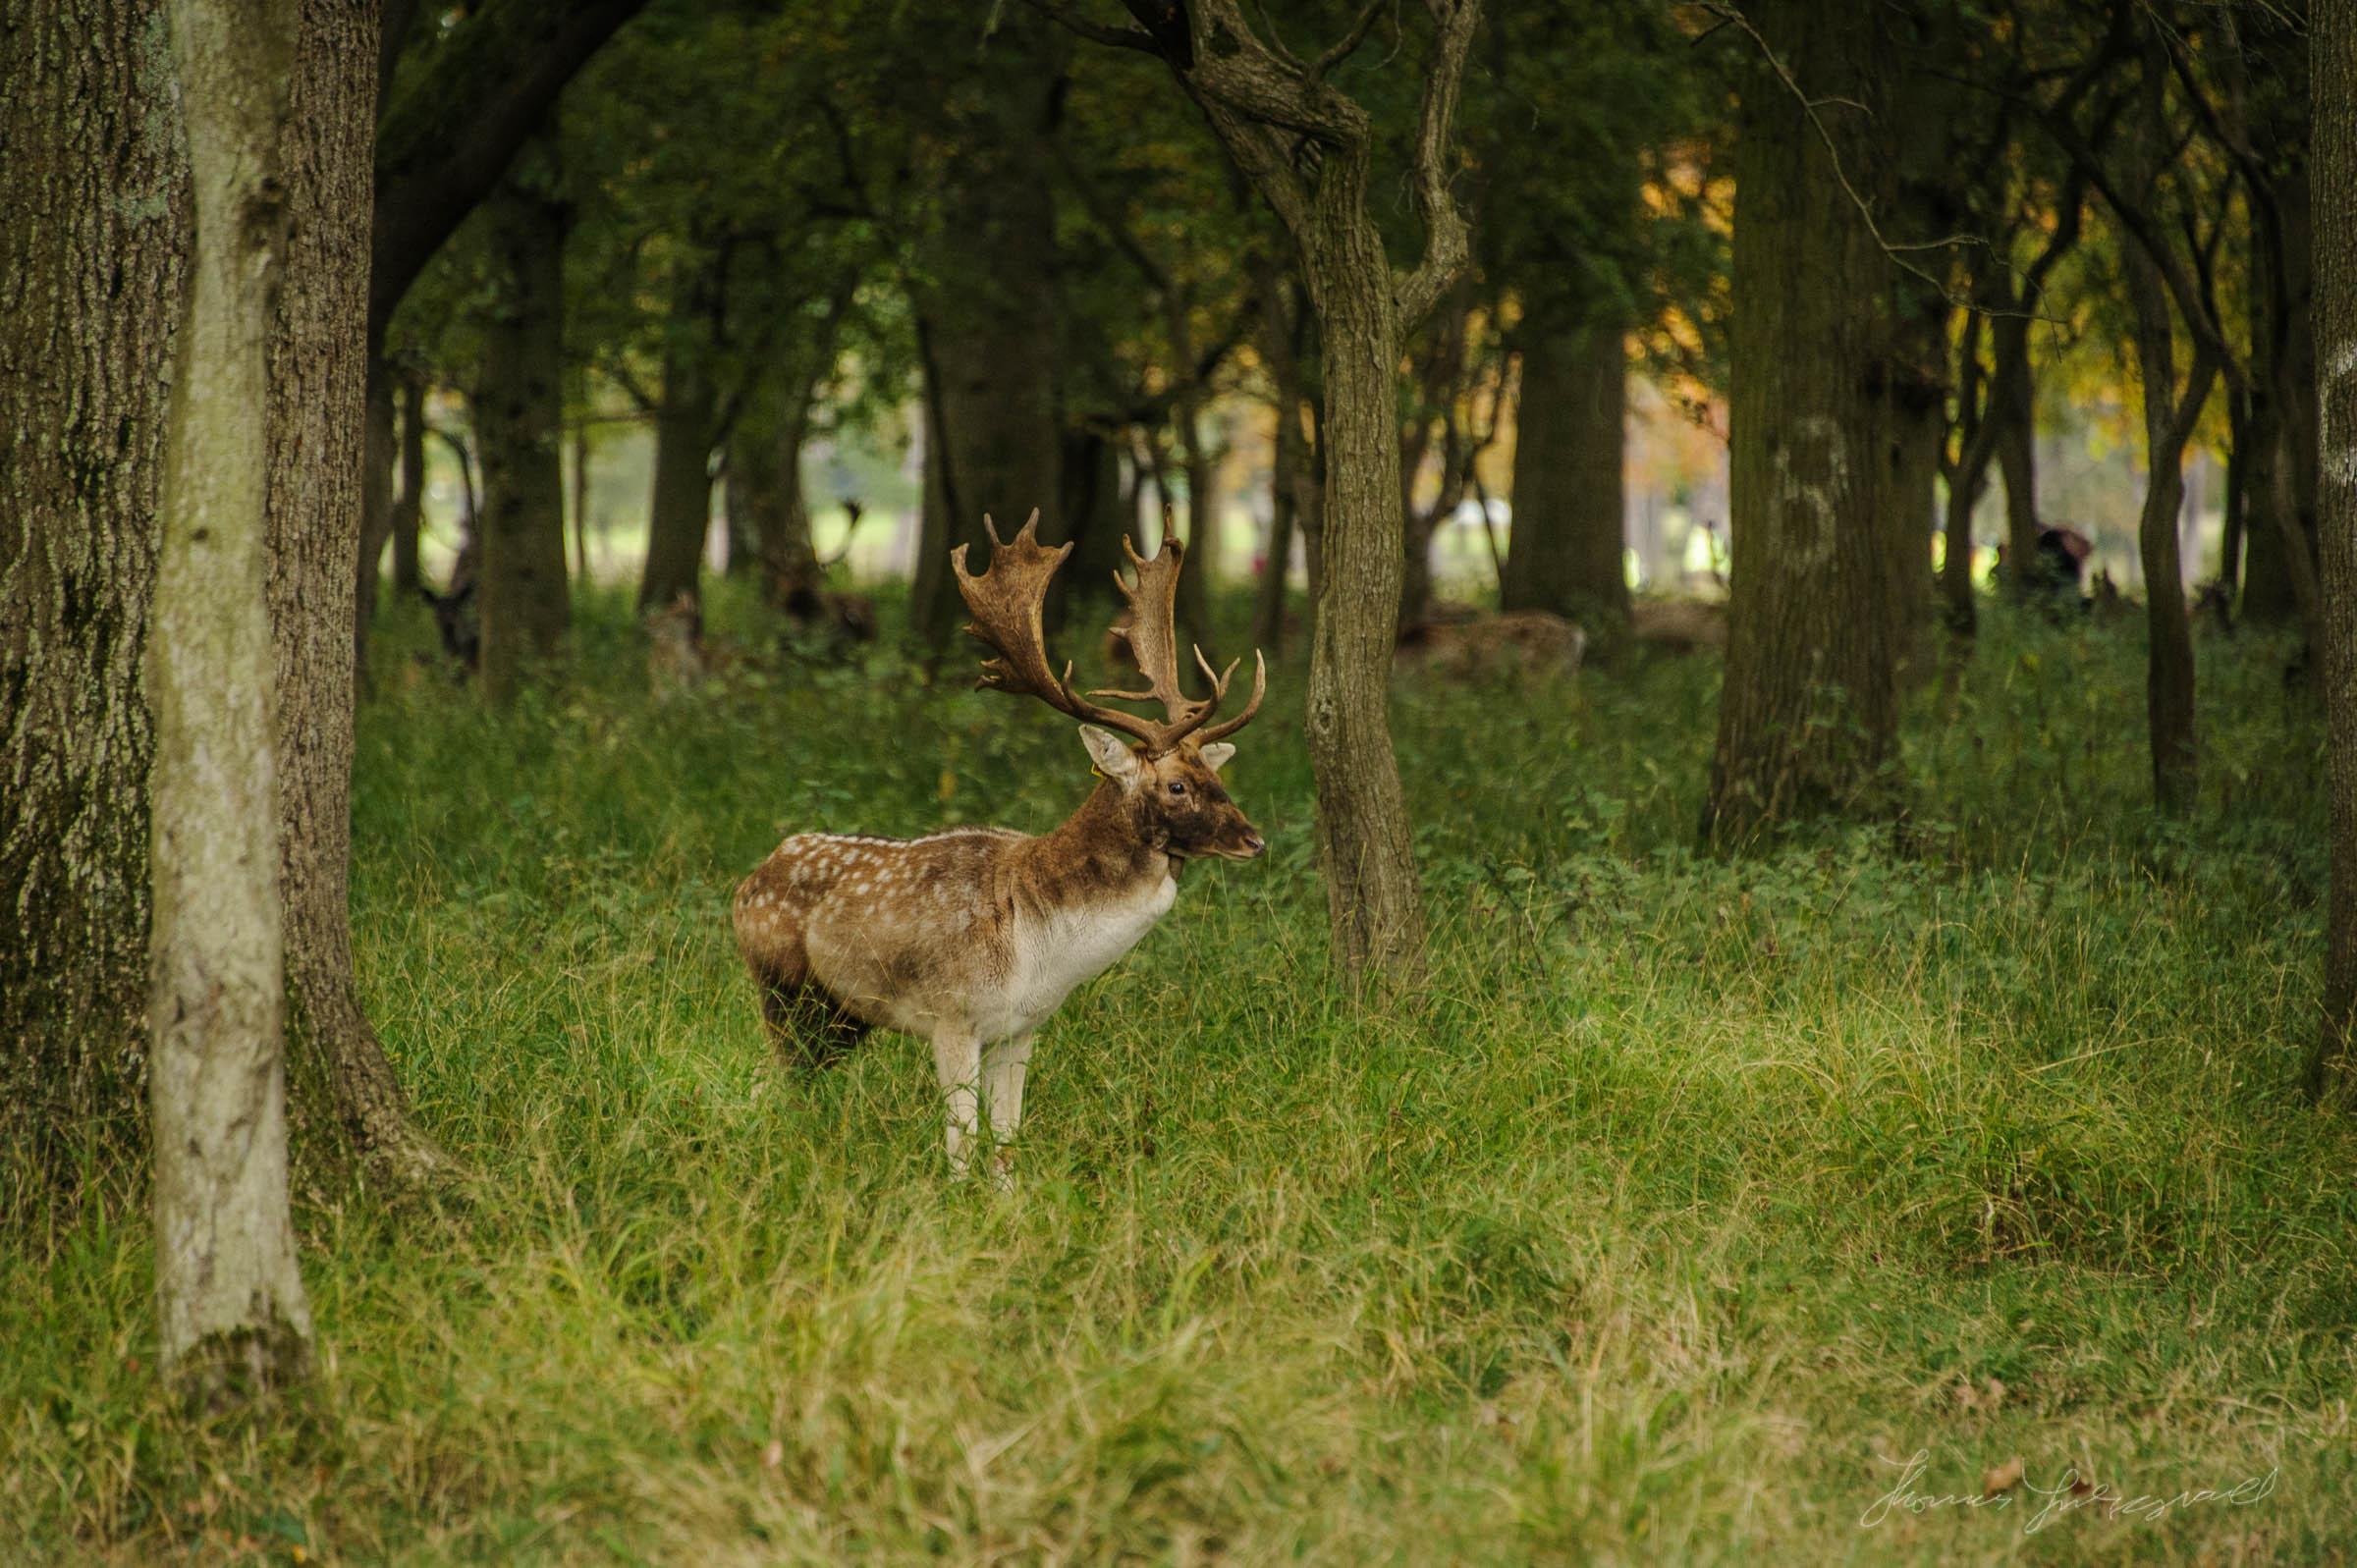 Pheonix-Park-Deer-28.jpg